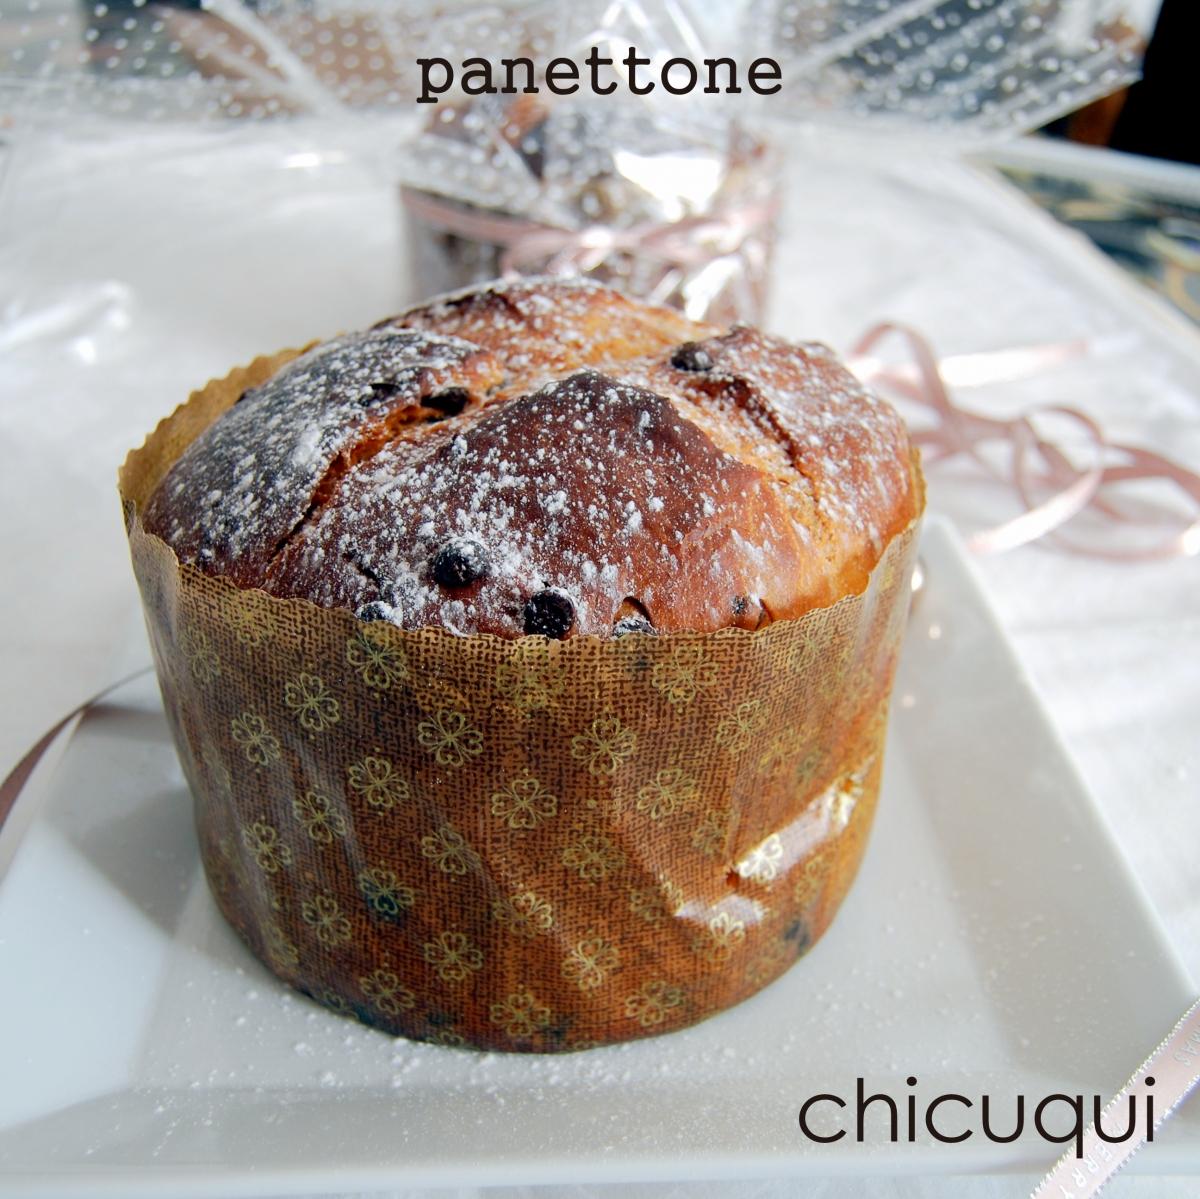 Receta de Panettone